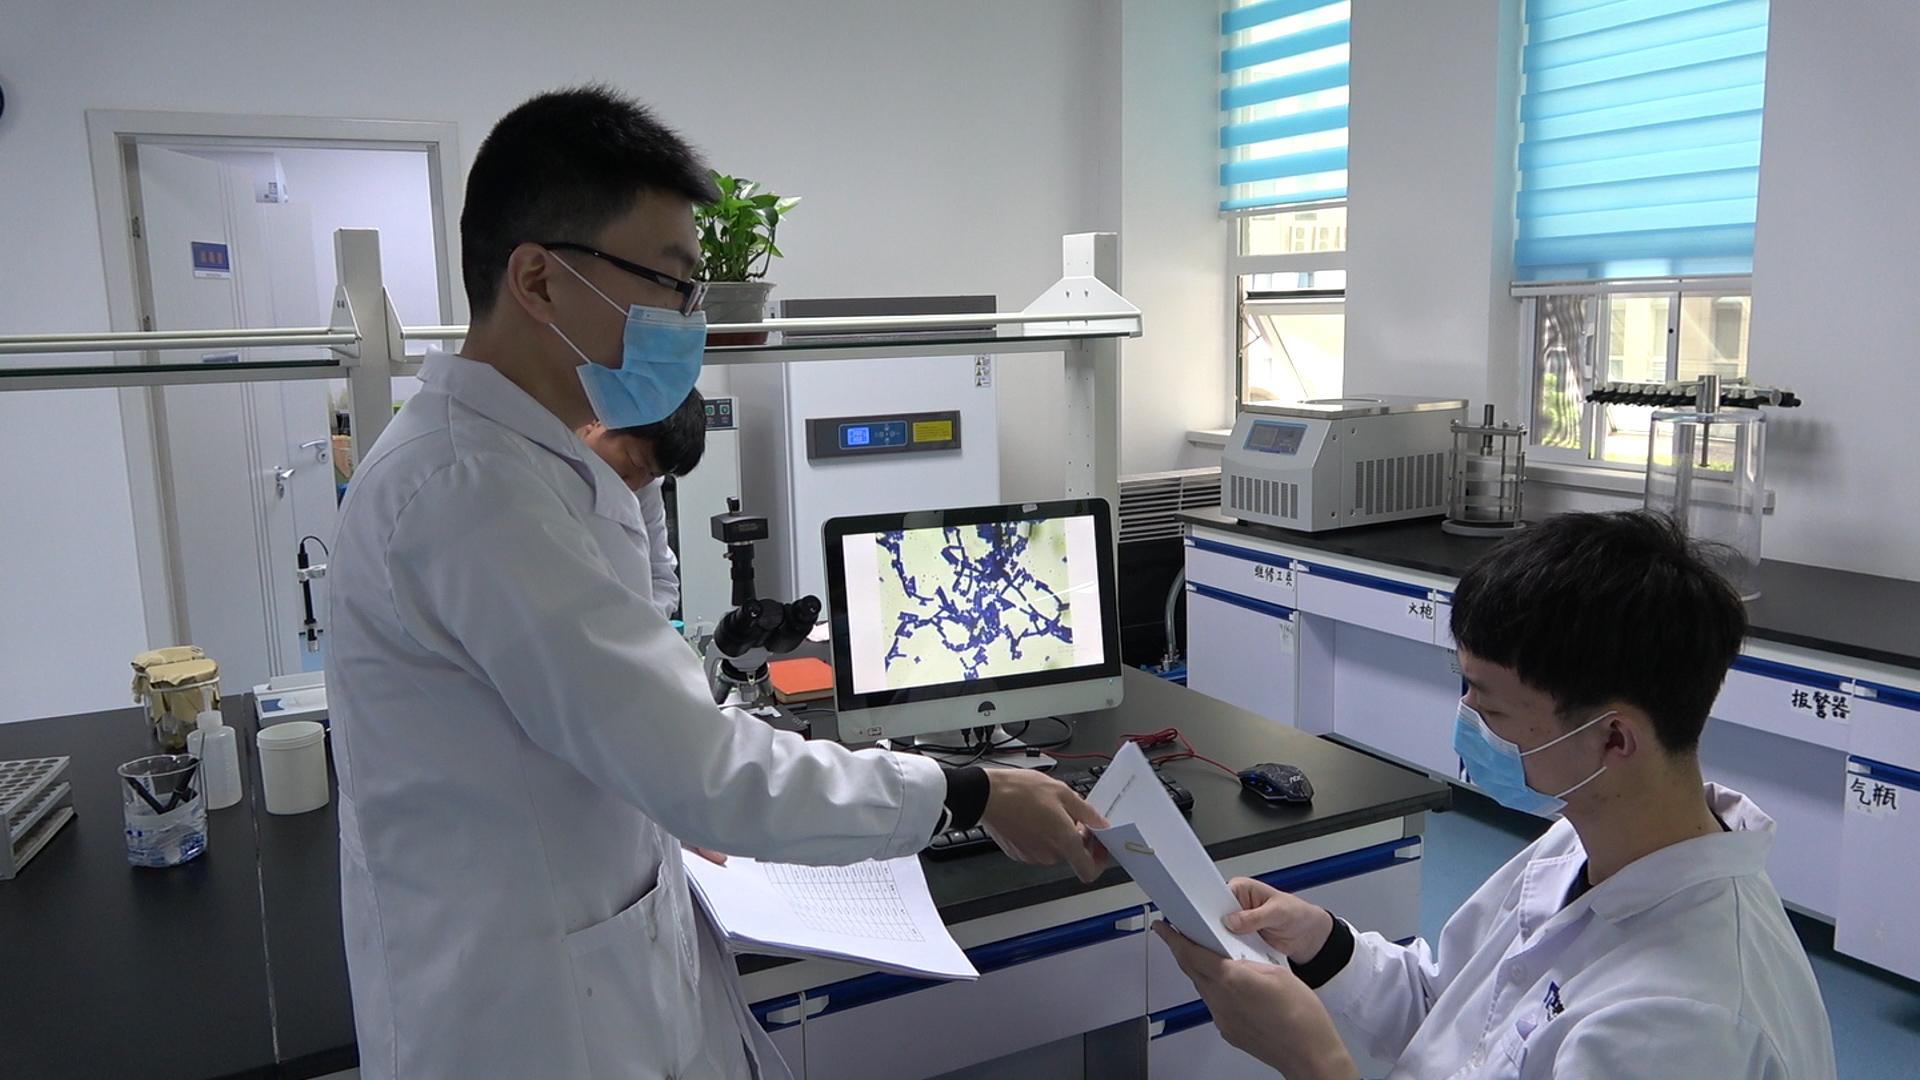 【微剧场】北纳带您了解菌种测序-www.biaowu.com